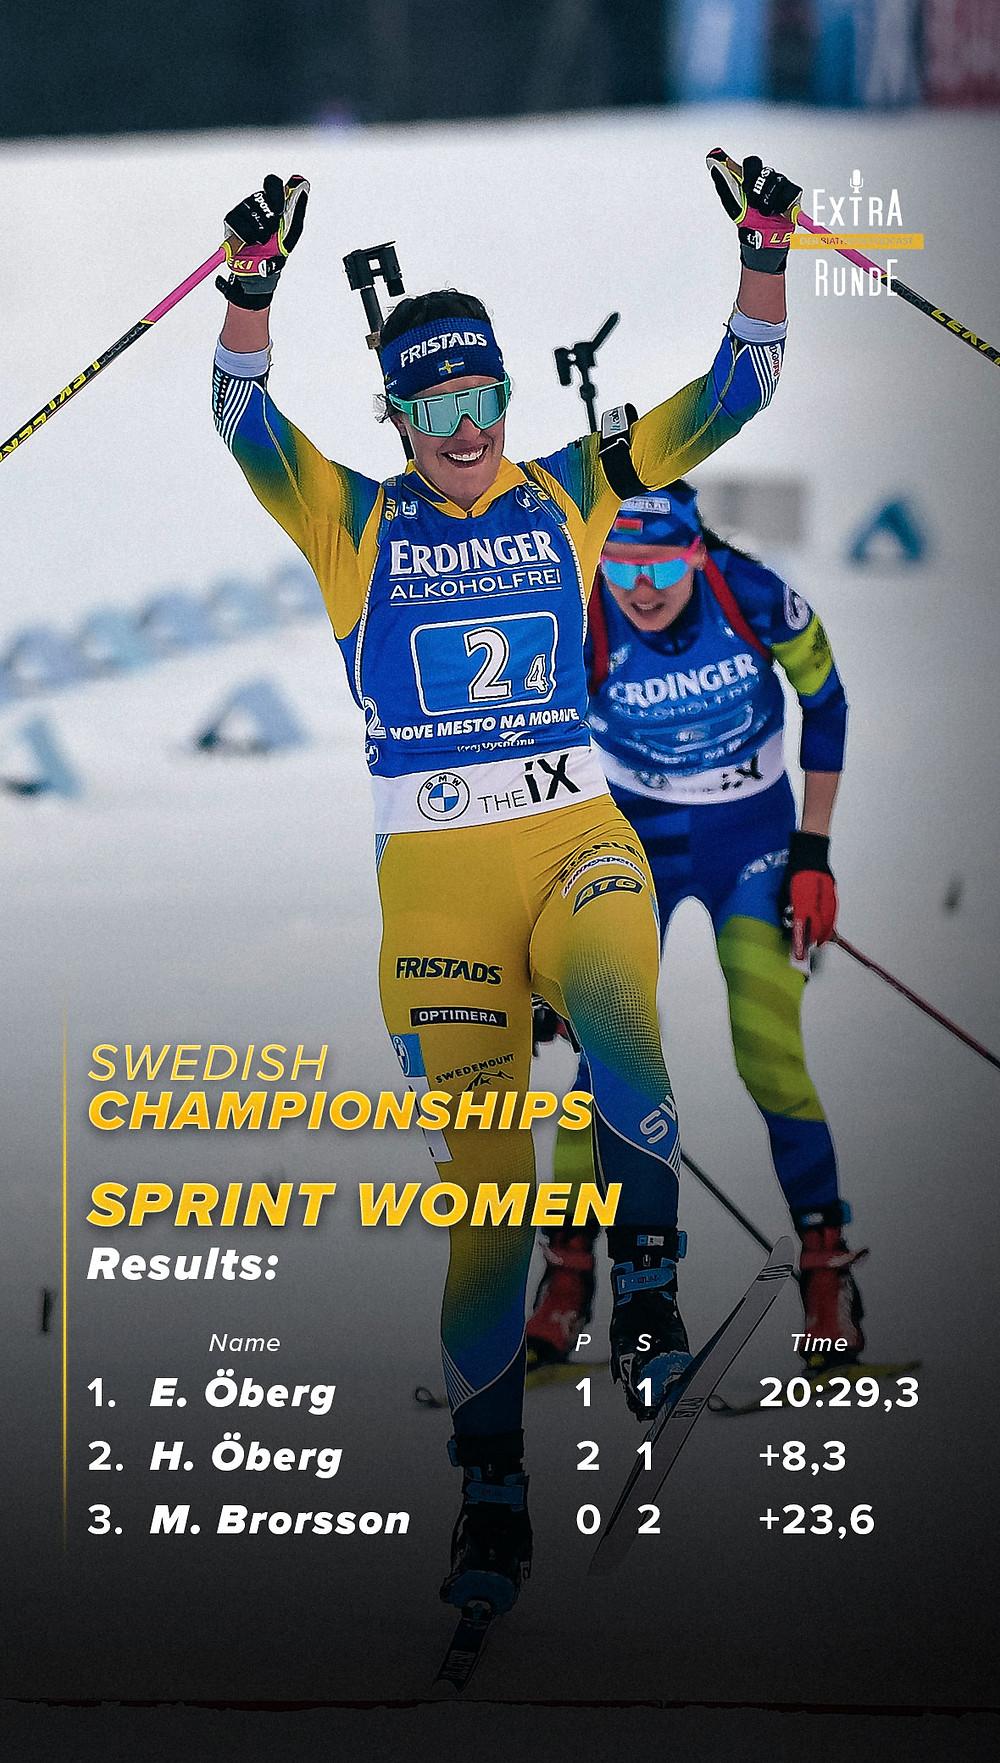 Den Sprint bei den schwedischen Meisterschaften im Biathlon gewinnt Elvira Öberg